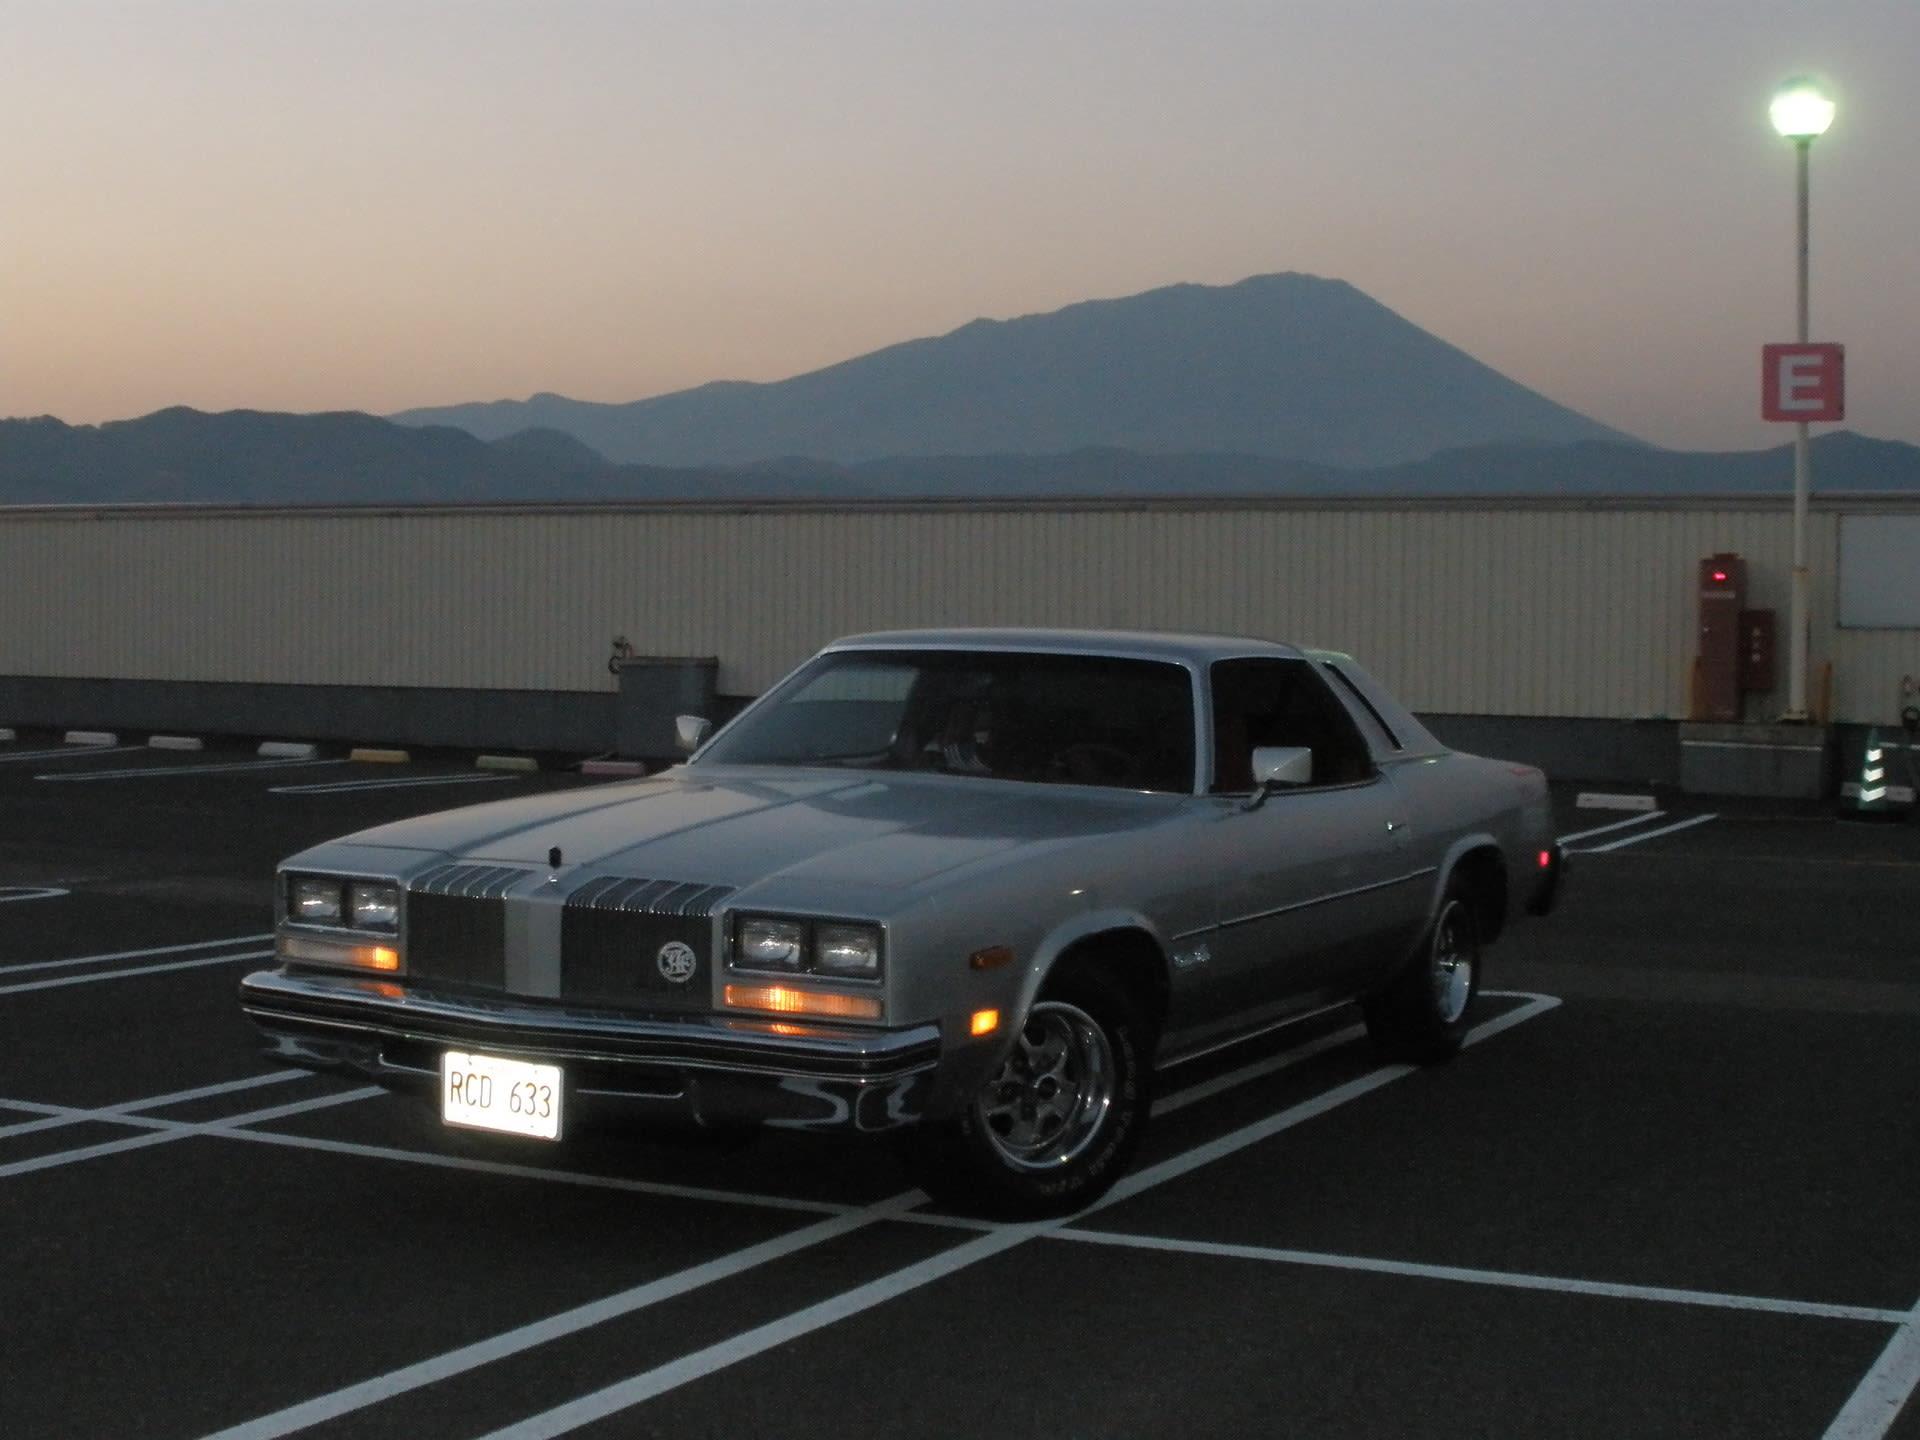 ずっと疑問だったアメ車のこれって ポジショニングランプと云うんだね じーじのアメ車 と W124 260e と バイク